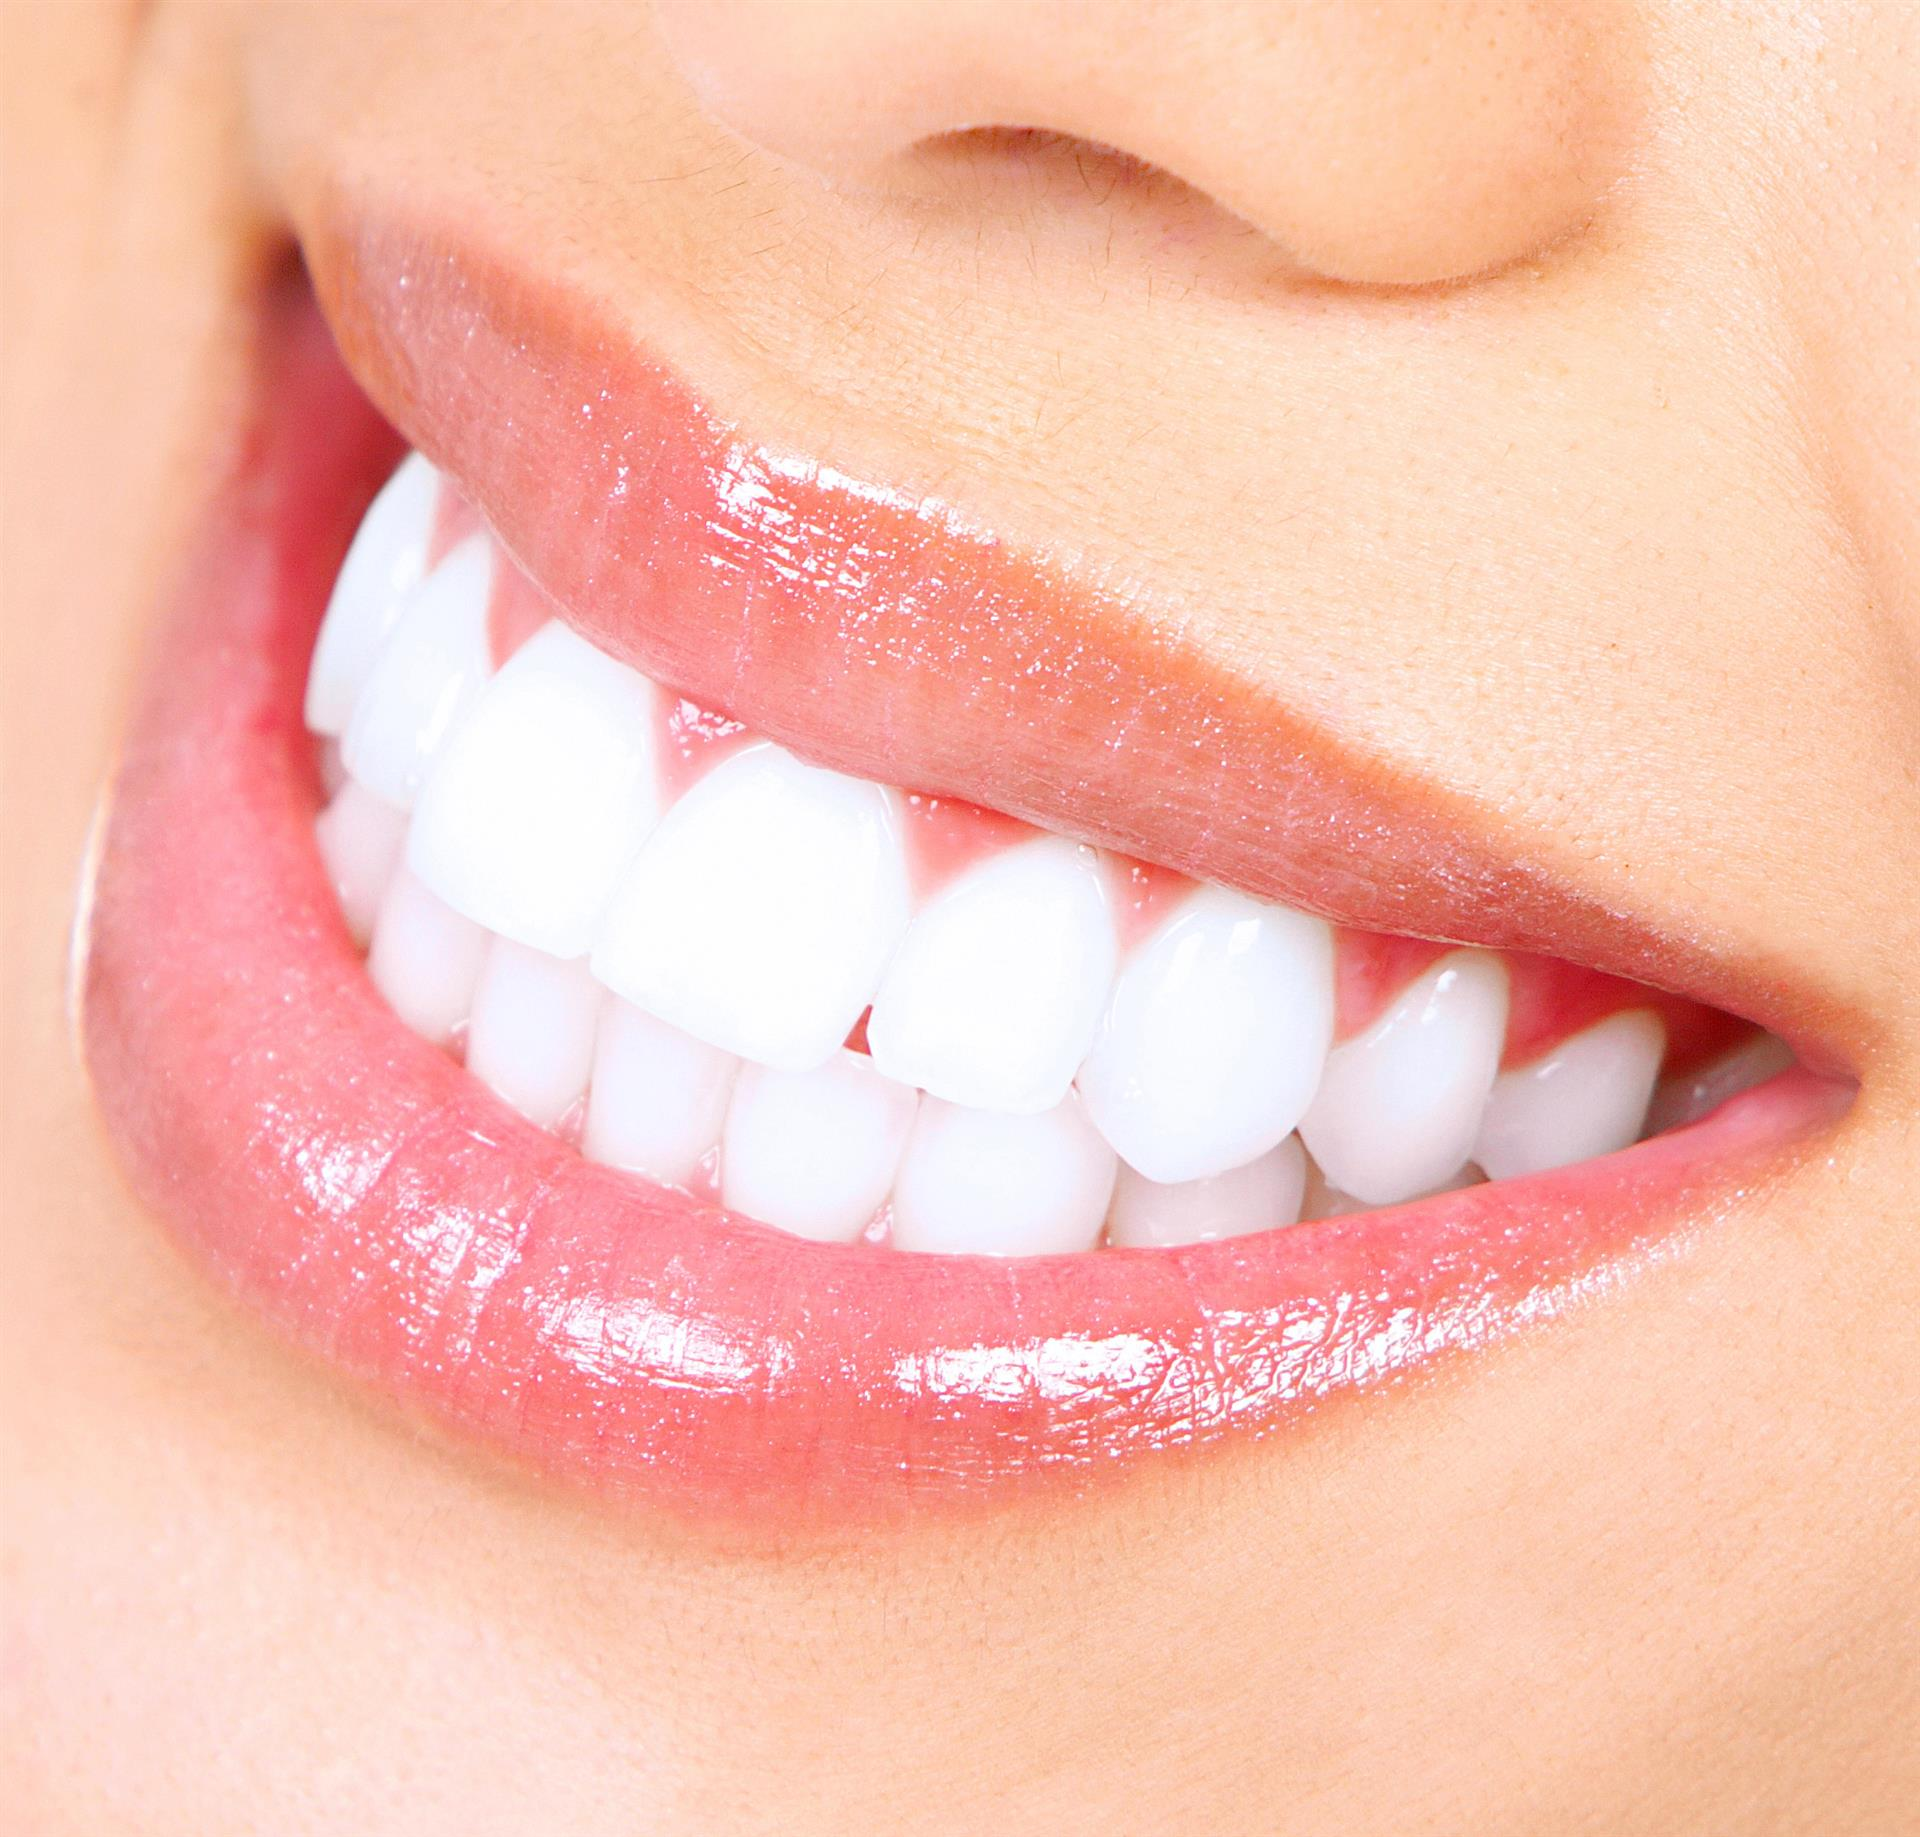 Segredos de limpeza e branqueamento dental que você precisar saber